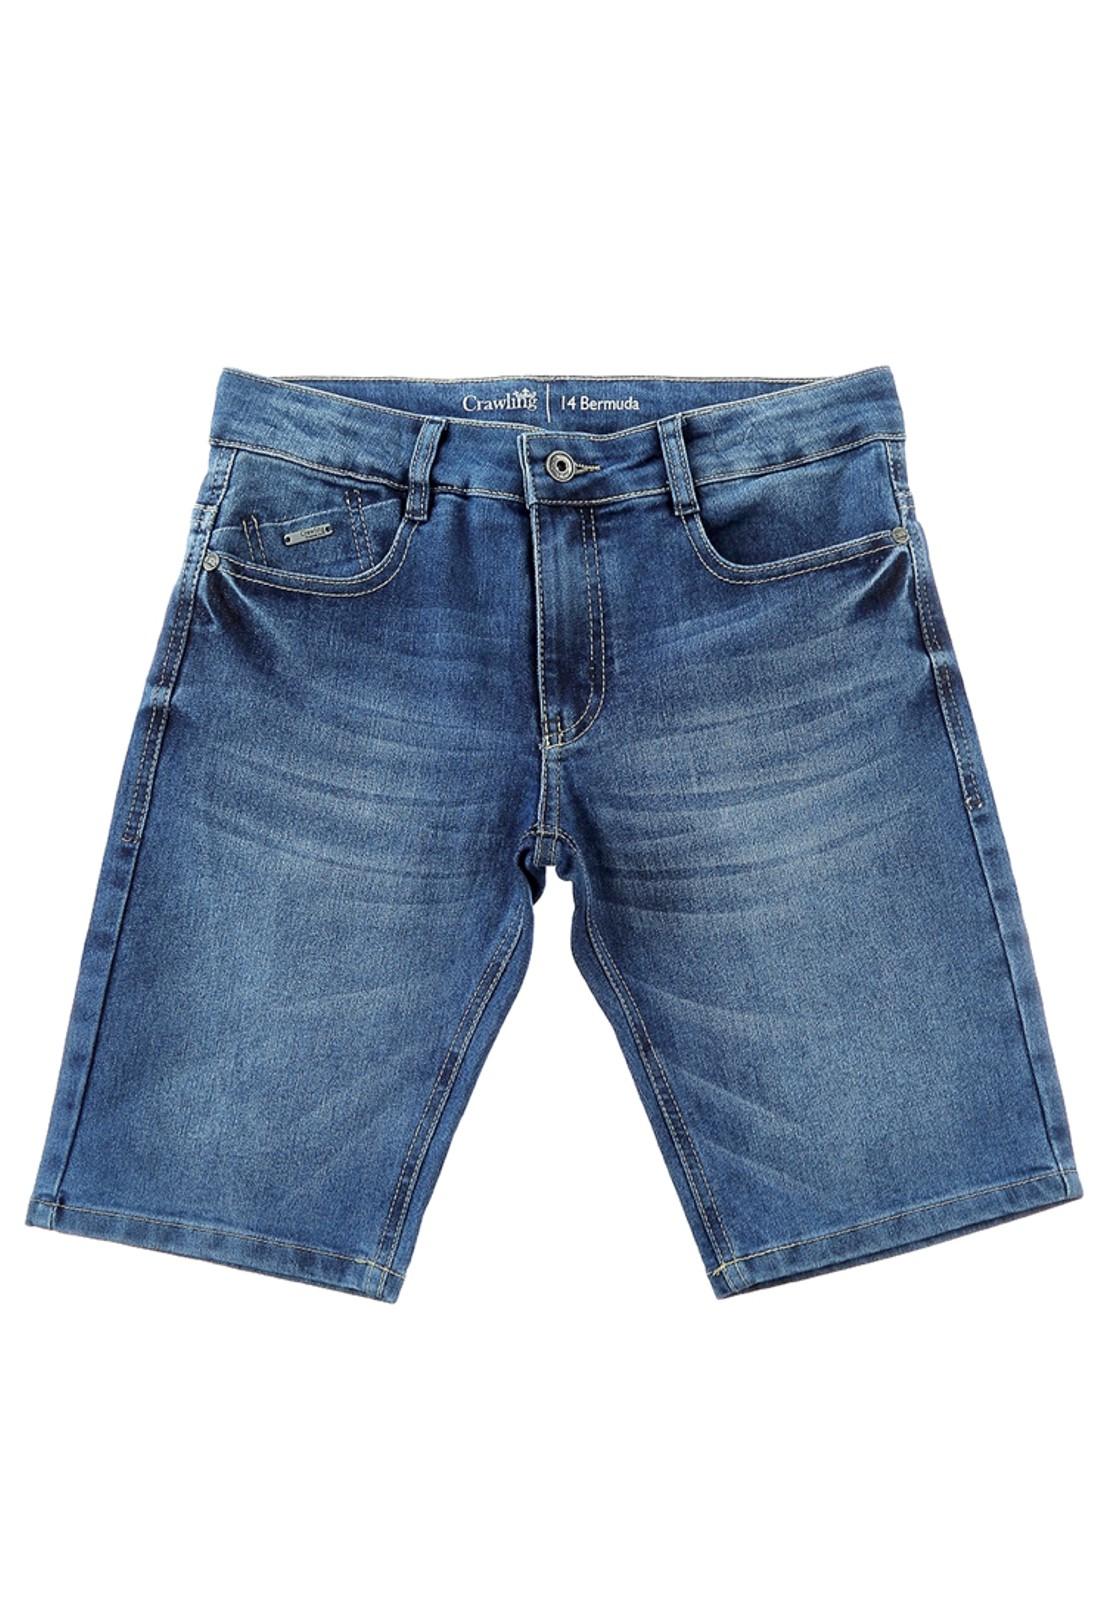 Bermuda Jeans Eco Dye Masculina